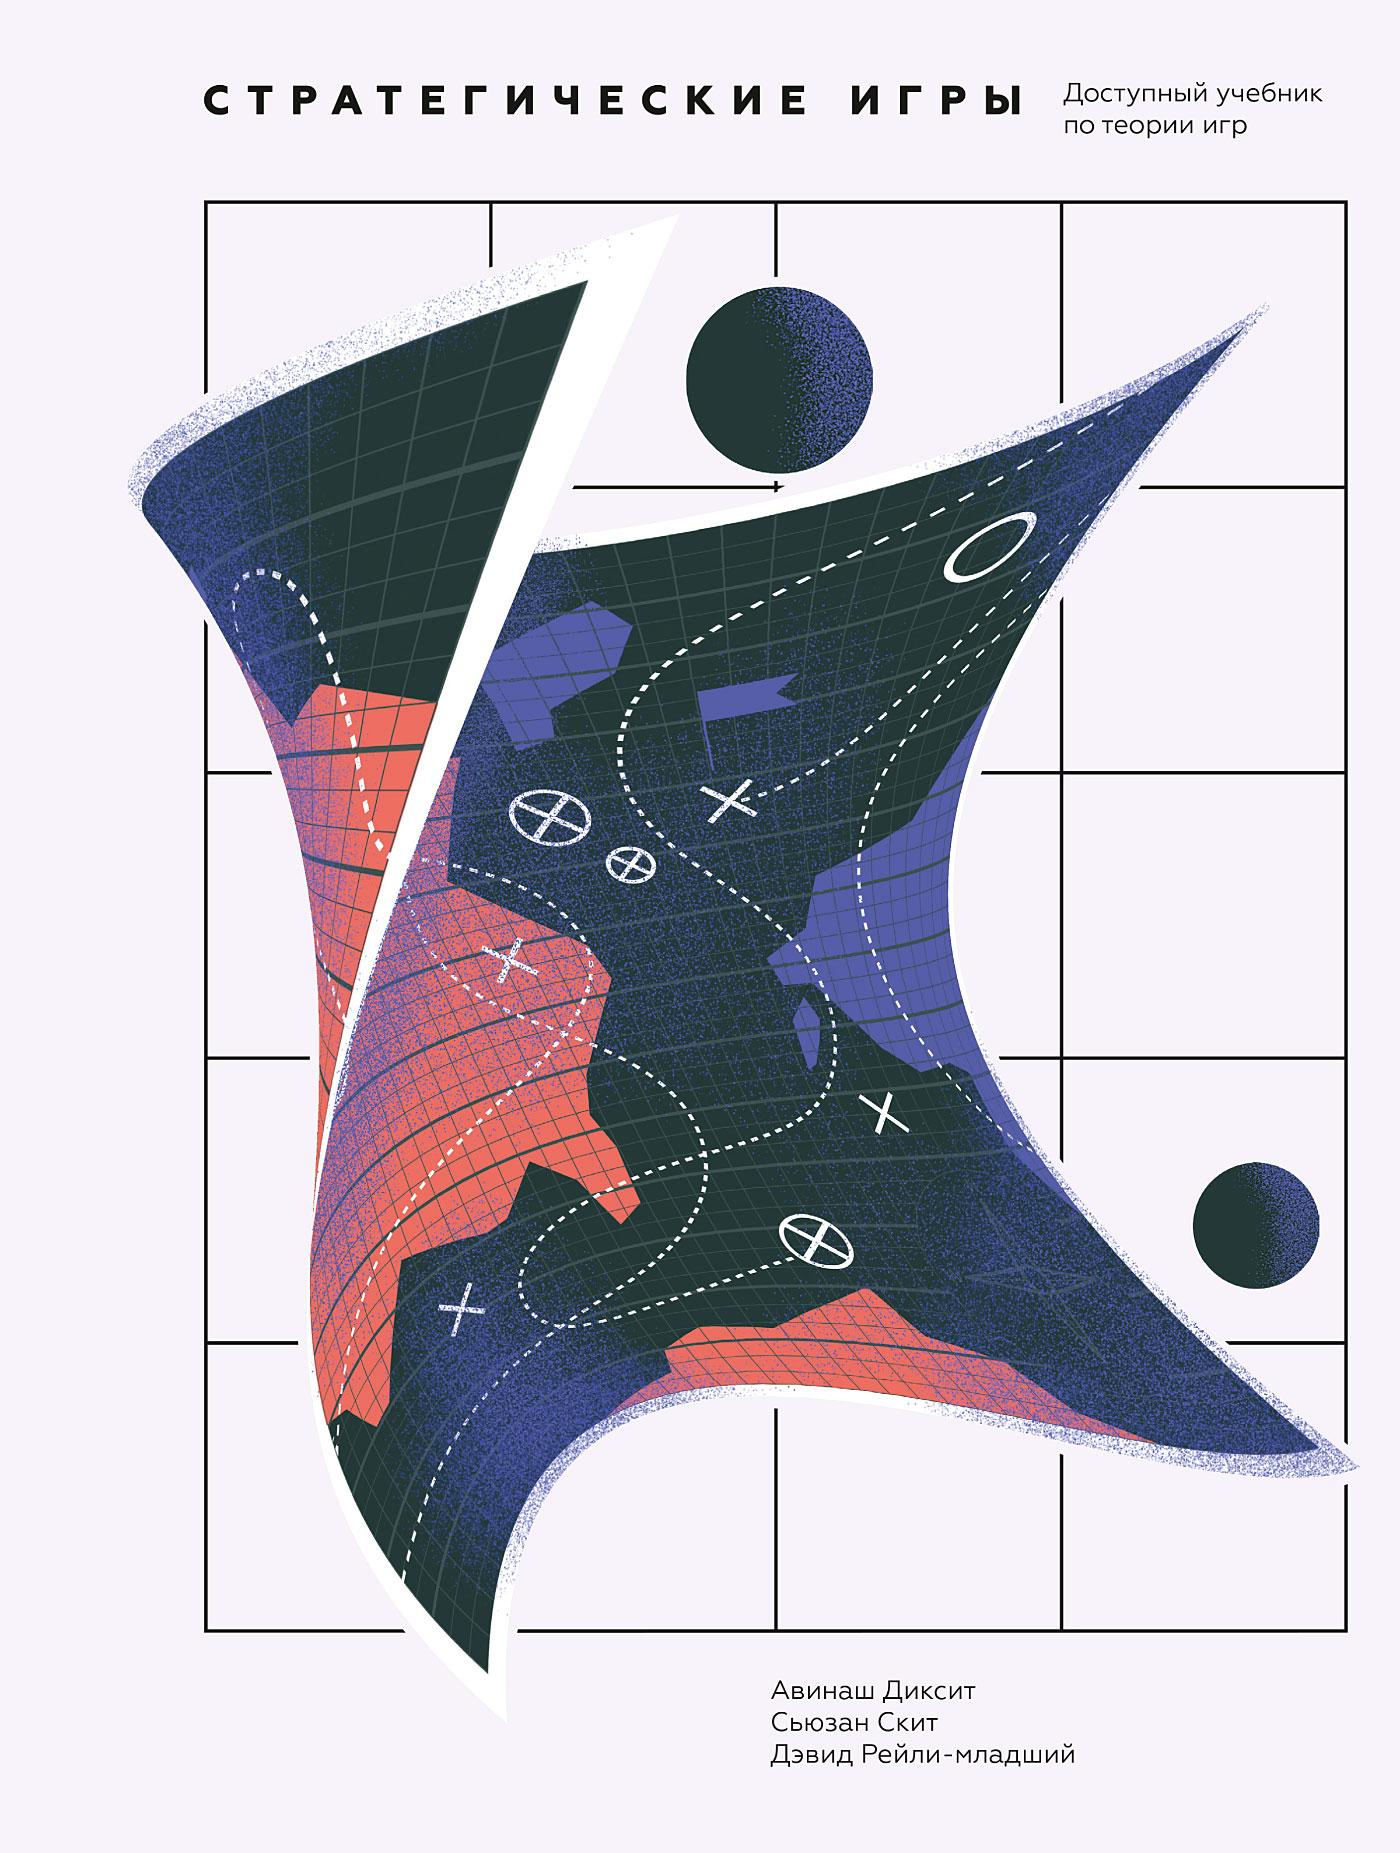 Авинаш Диксит Стратегические игры. Доступный учебник по теории игр авинаш диксит сьюзан скит дэвид рейли мл стратегические игры доступный учебник по теории игр